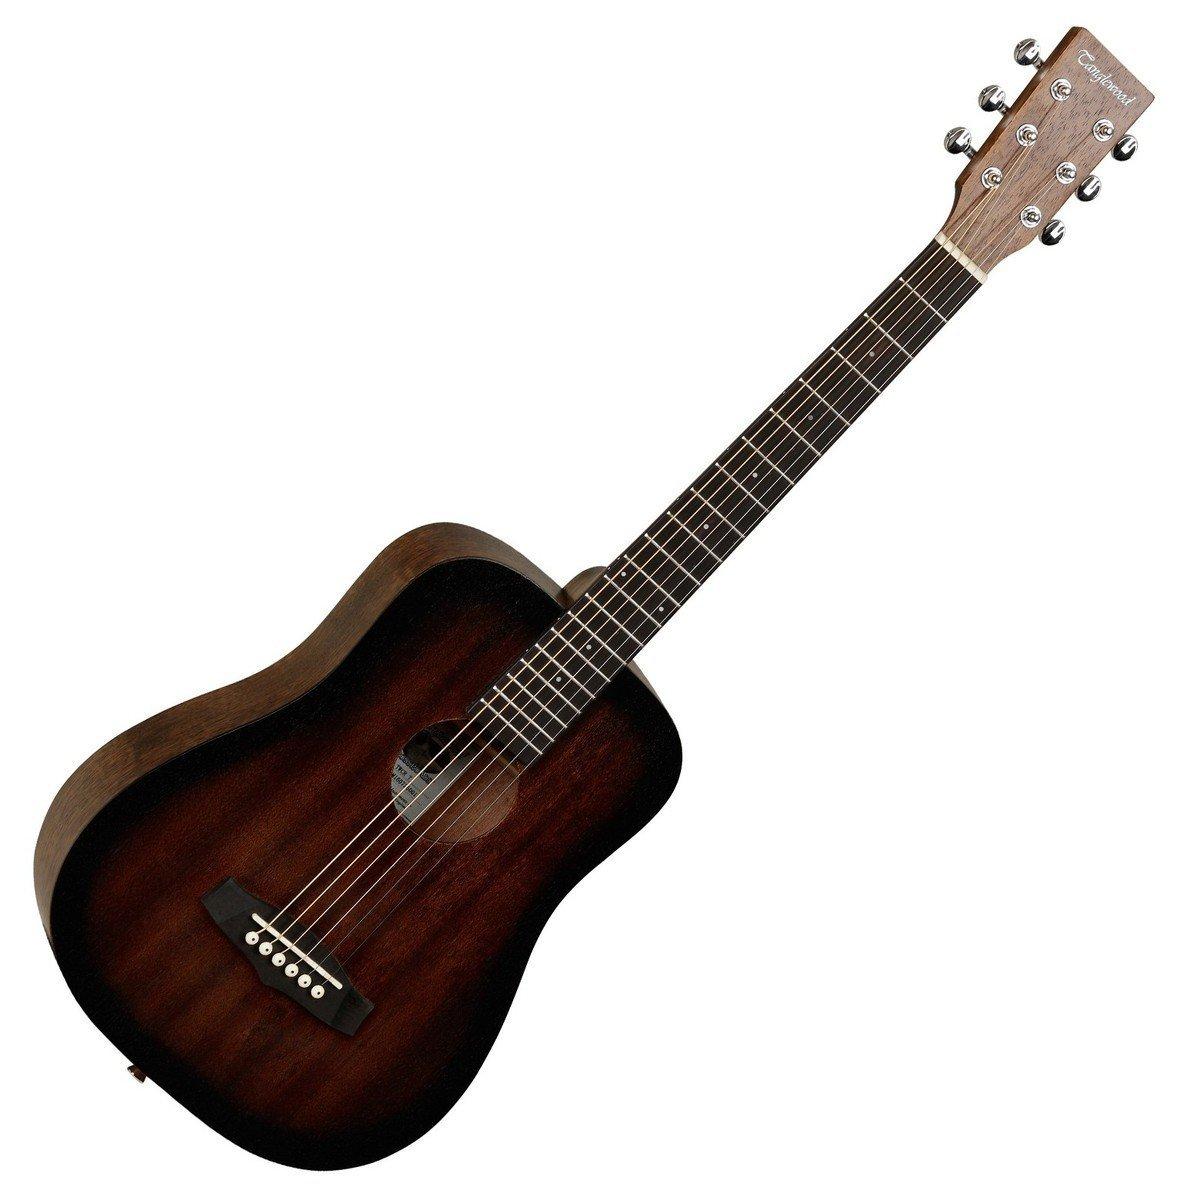 apc m310 guitare classique